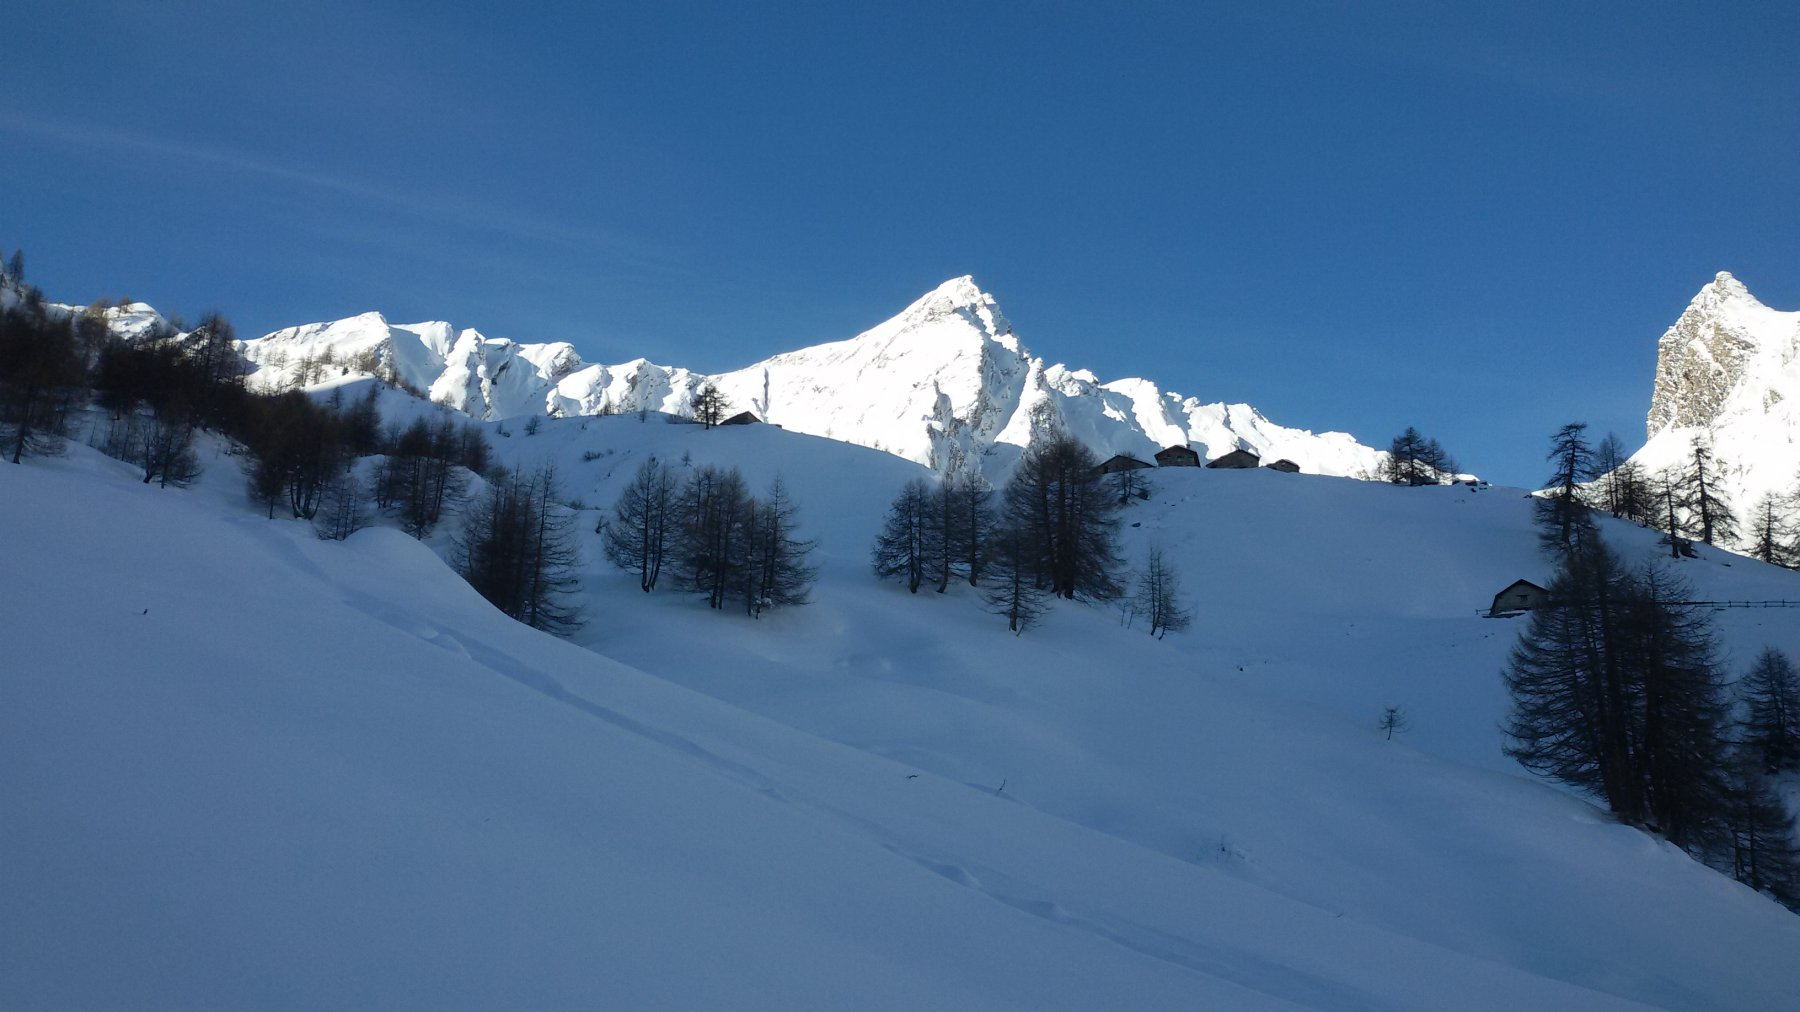 l'ambiente carico di neve fresca ed abbondante...troppa..